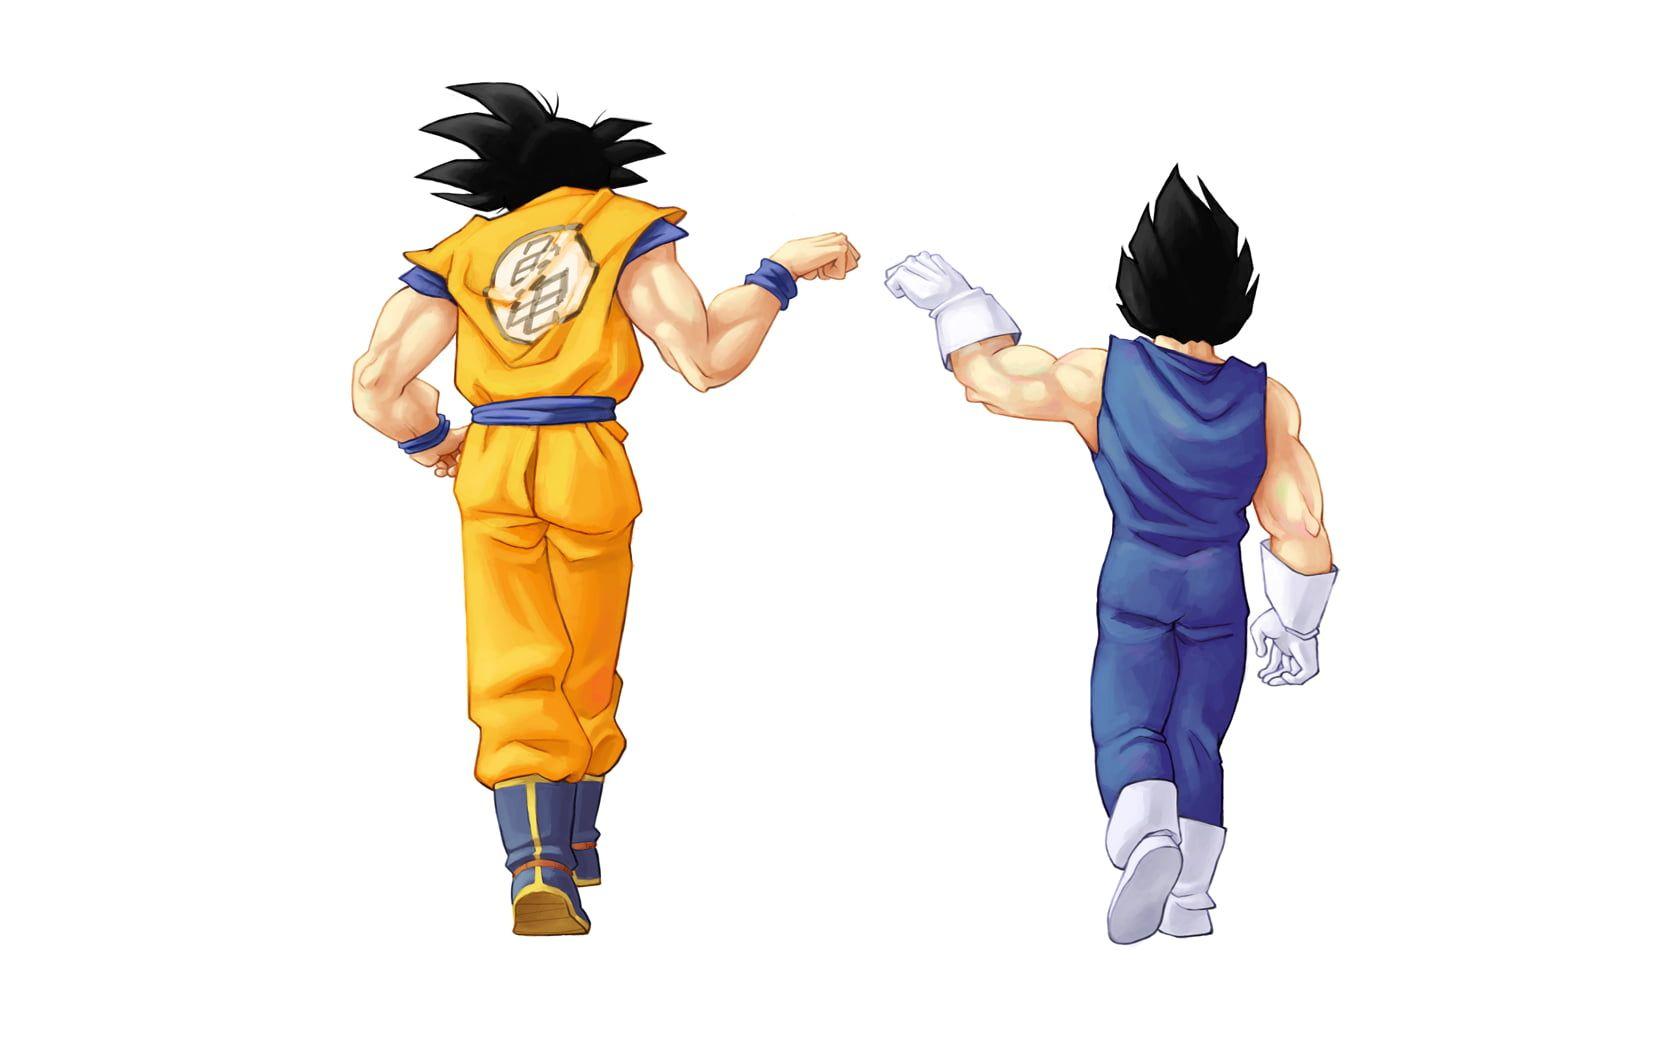 Son Goku And Vegeta Illustration Dragon Ball Son Goku Vegeta Anime Boys Anime 720p Wallpaper Hdwallpap Goku And Vegeta Dragon Ball Anime Dragon Ball Super